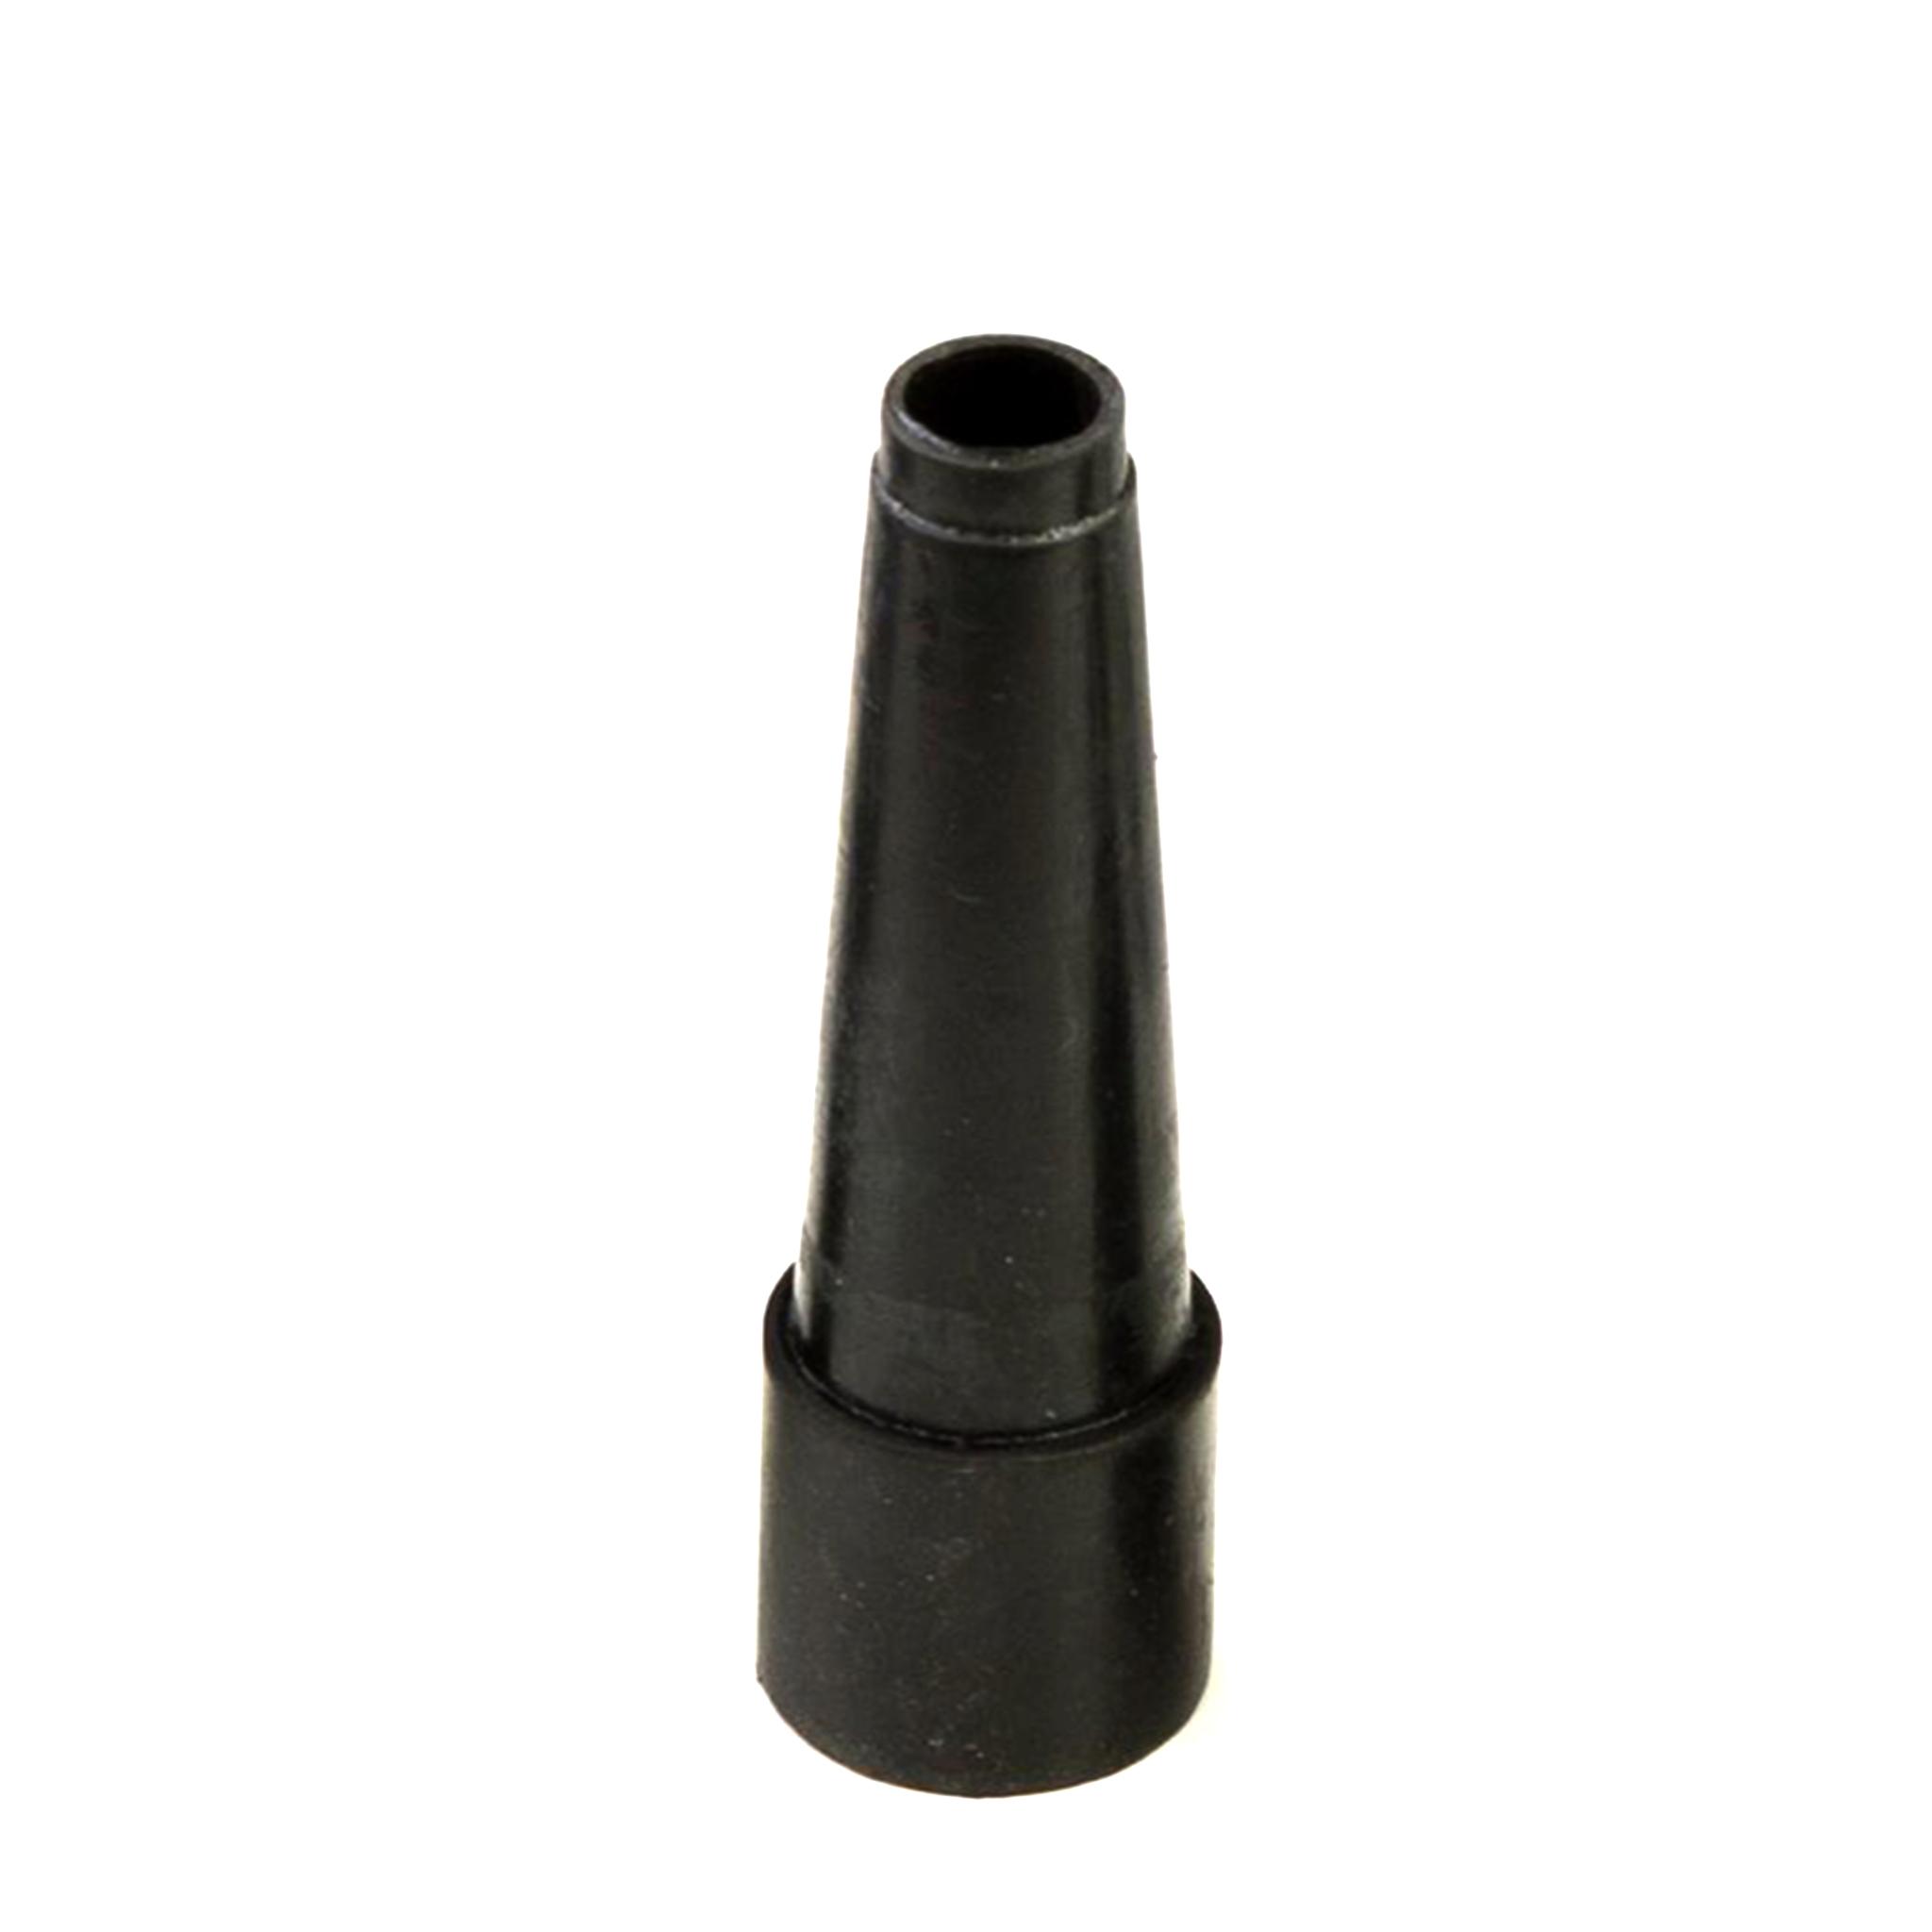 Munstycke MetroVac Heavy Duty Blower Nozzle